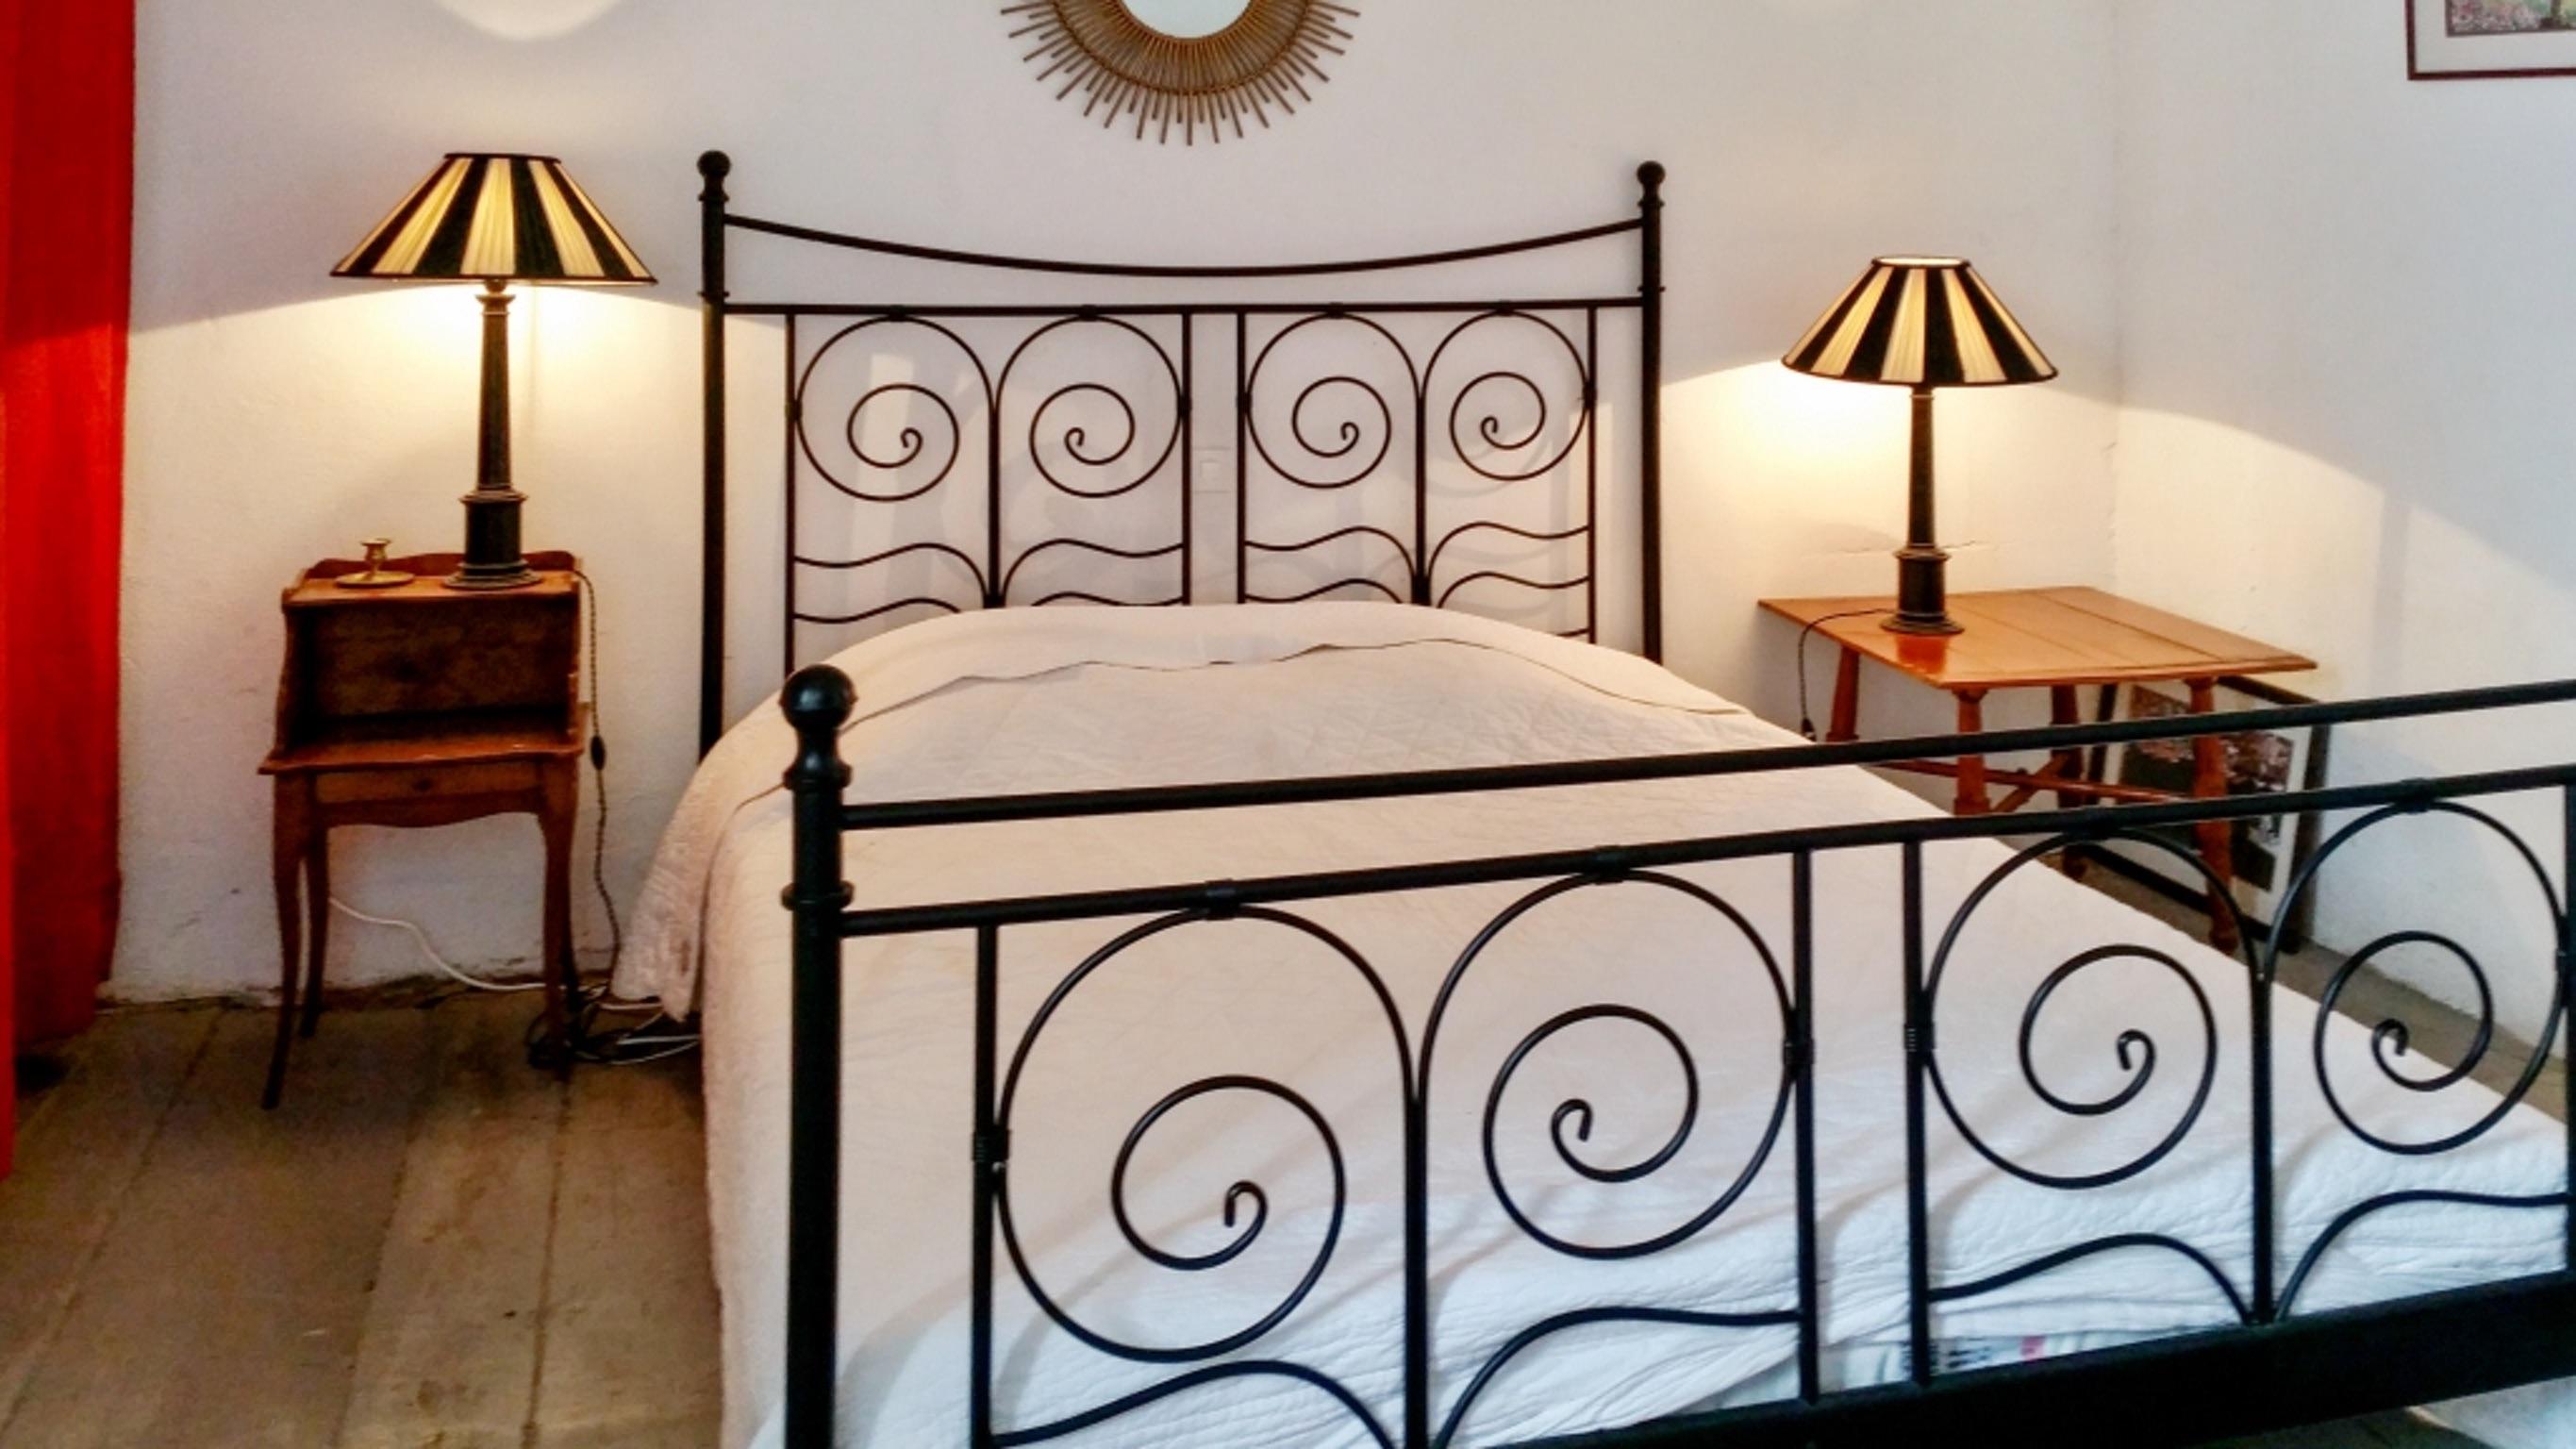 Ferienhaus Herrliches Haus mit neun Schlafzimmern und grandiosem Blick aufs Meer im hübschen Dörfchen (2202571), Centuri, Nordkorsika, Korsika, Frankreich, Bild 20